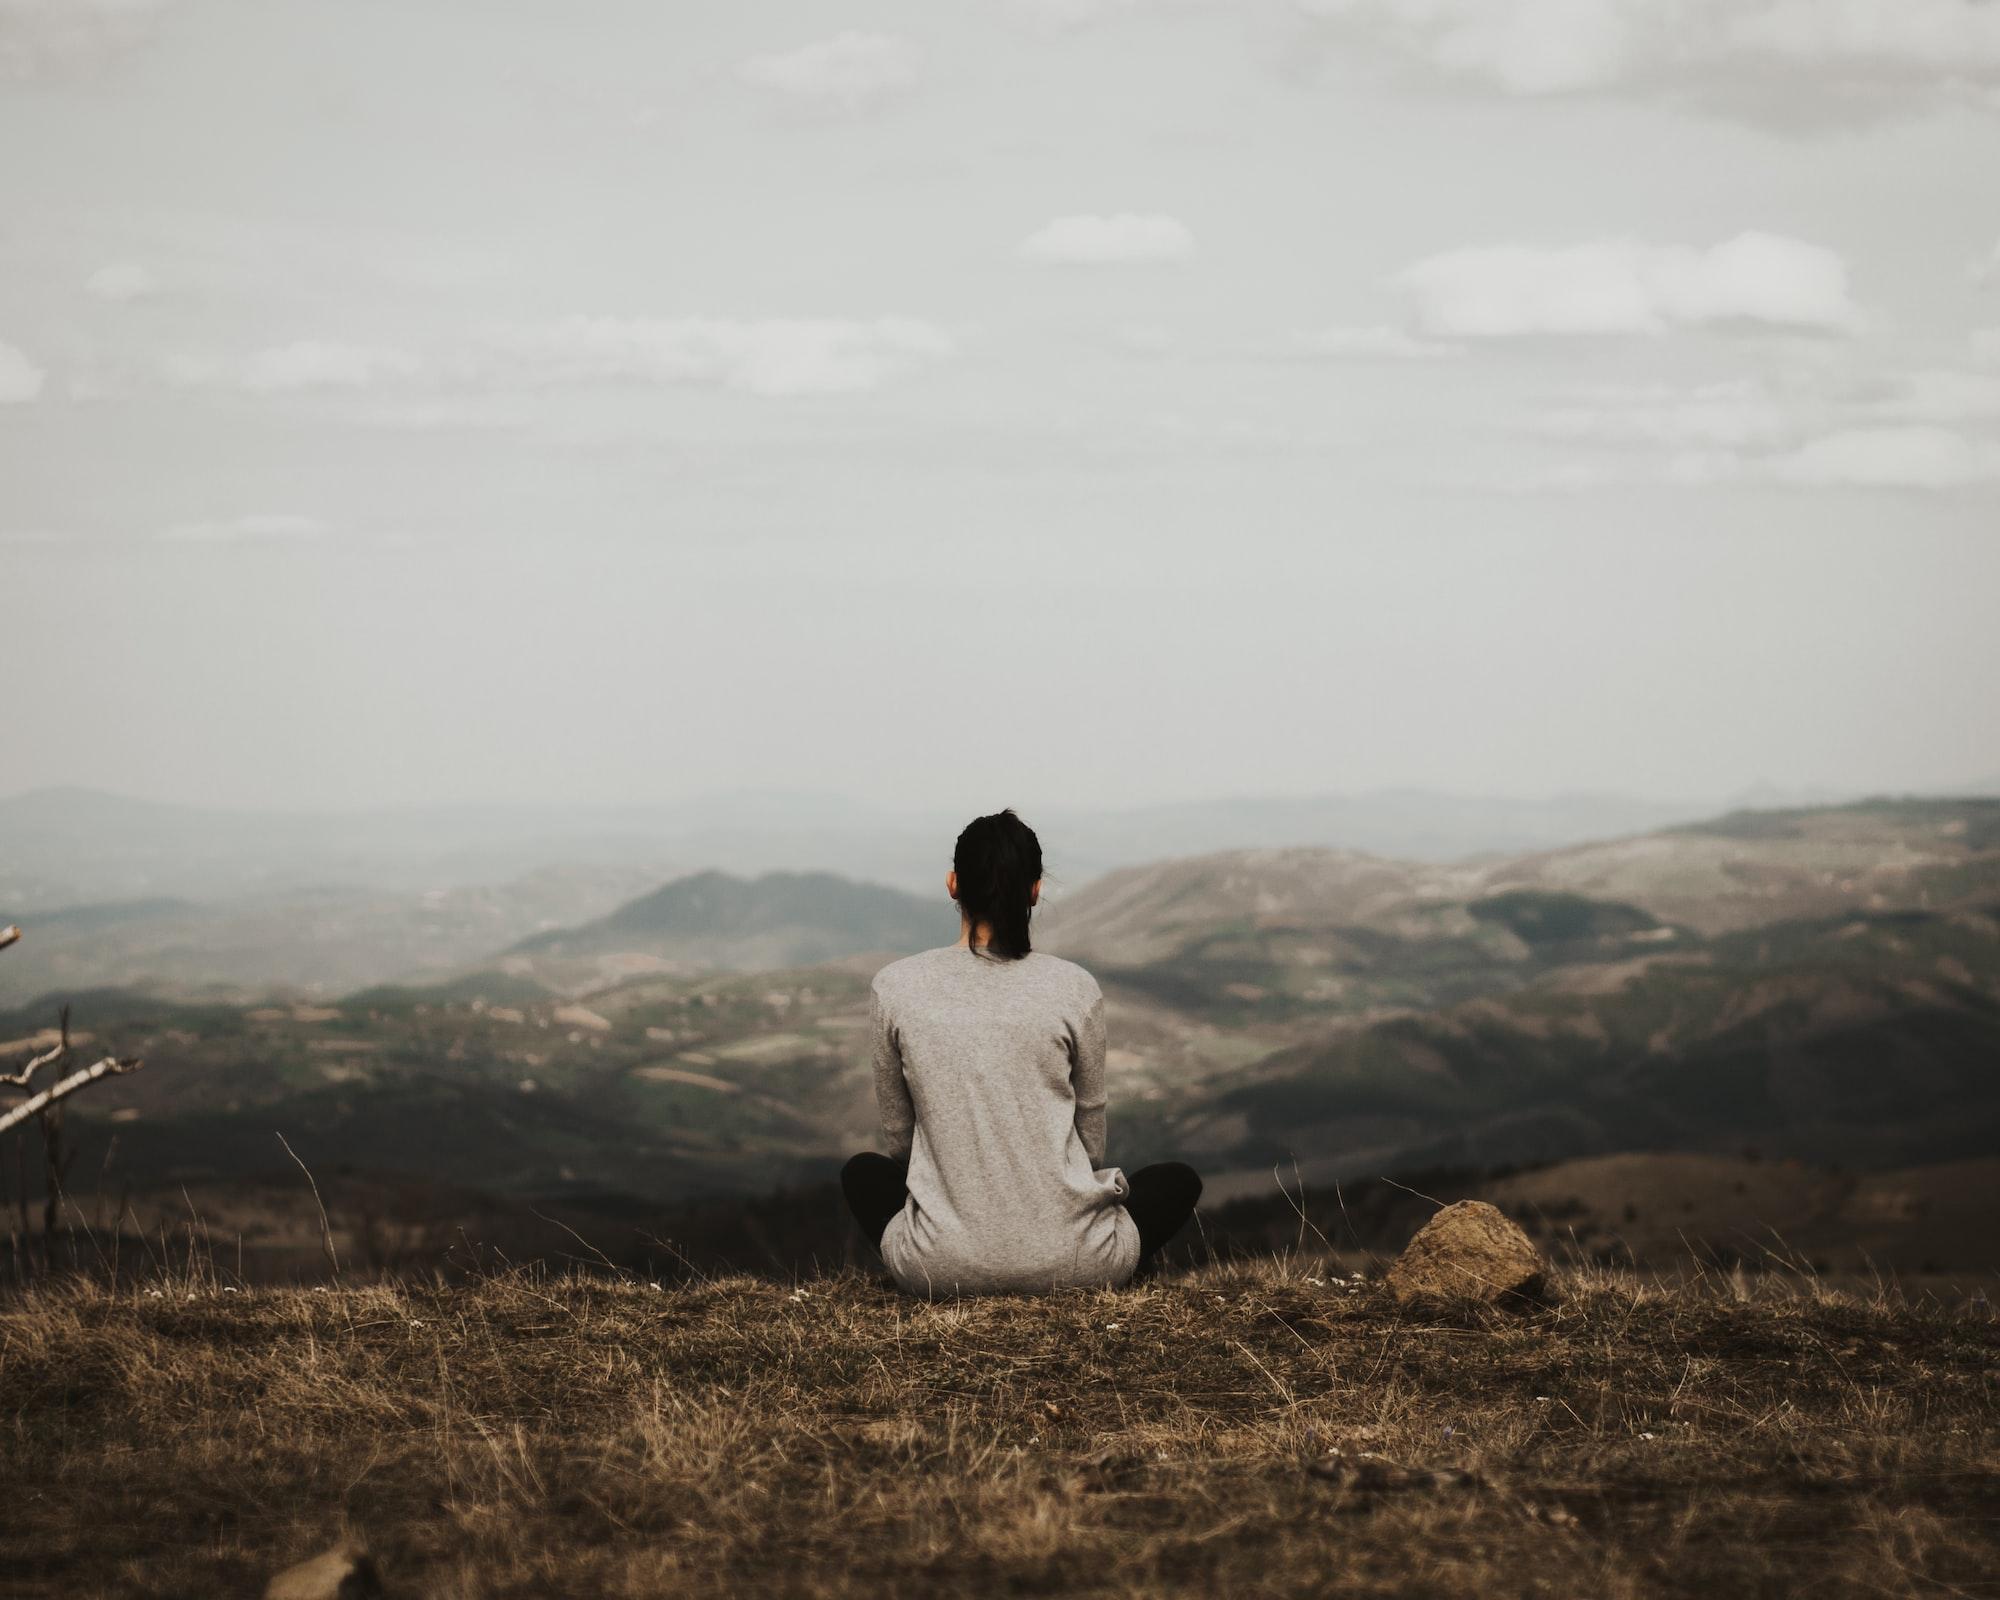 Une femme de dos en pleine méditation devant un paysage montagneux